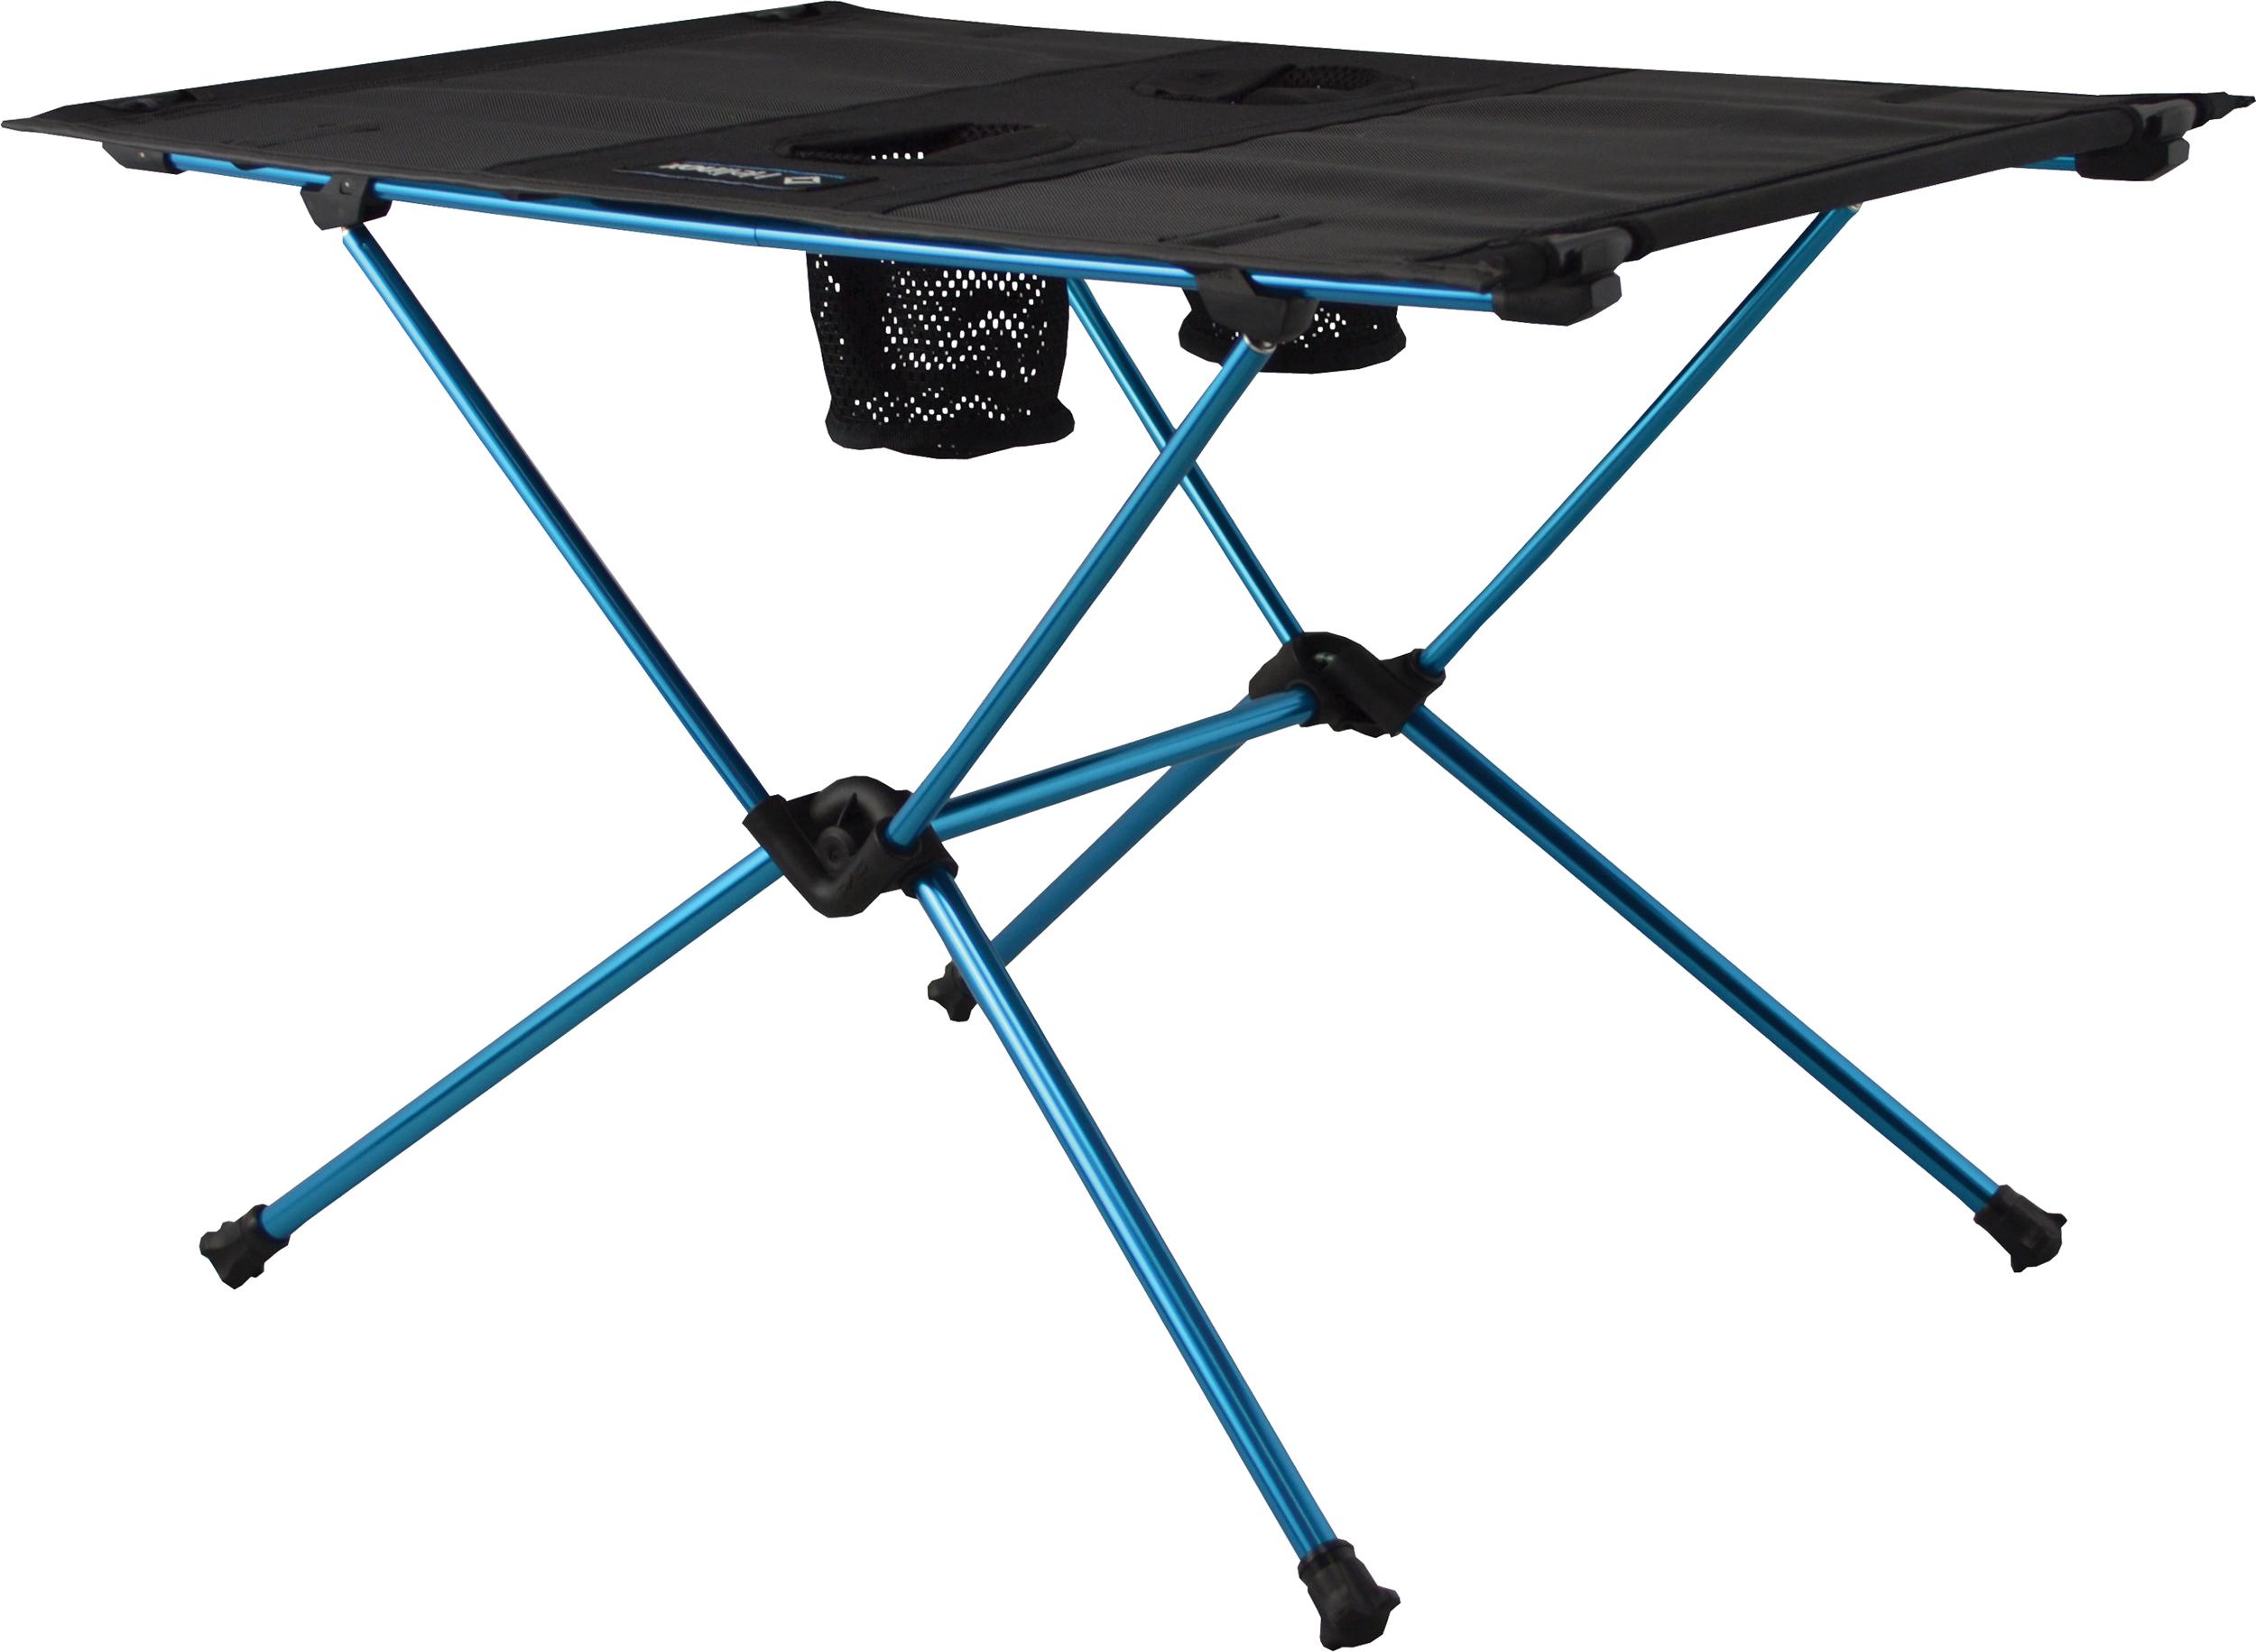 Helinox Table e